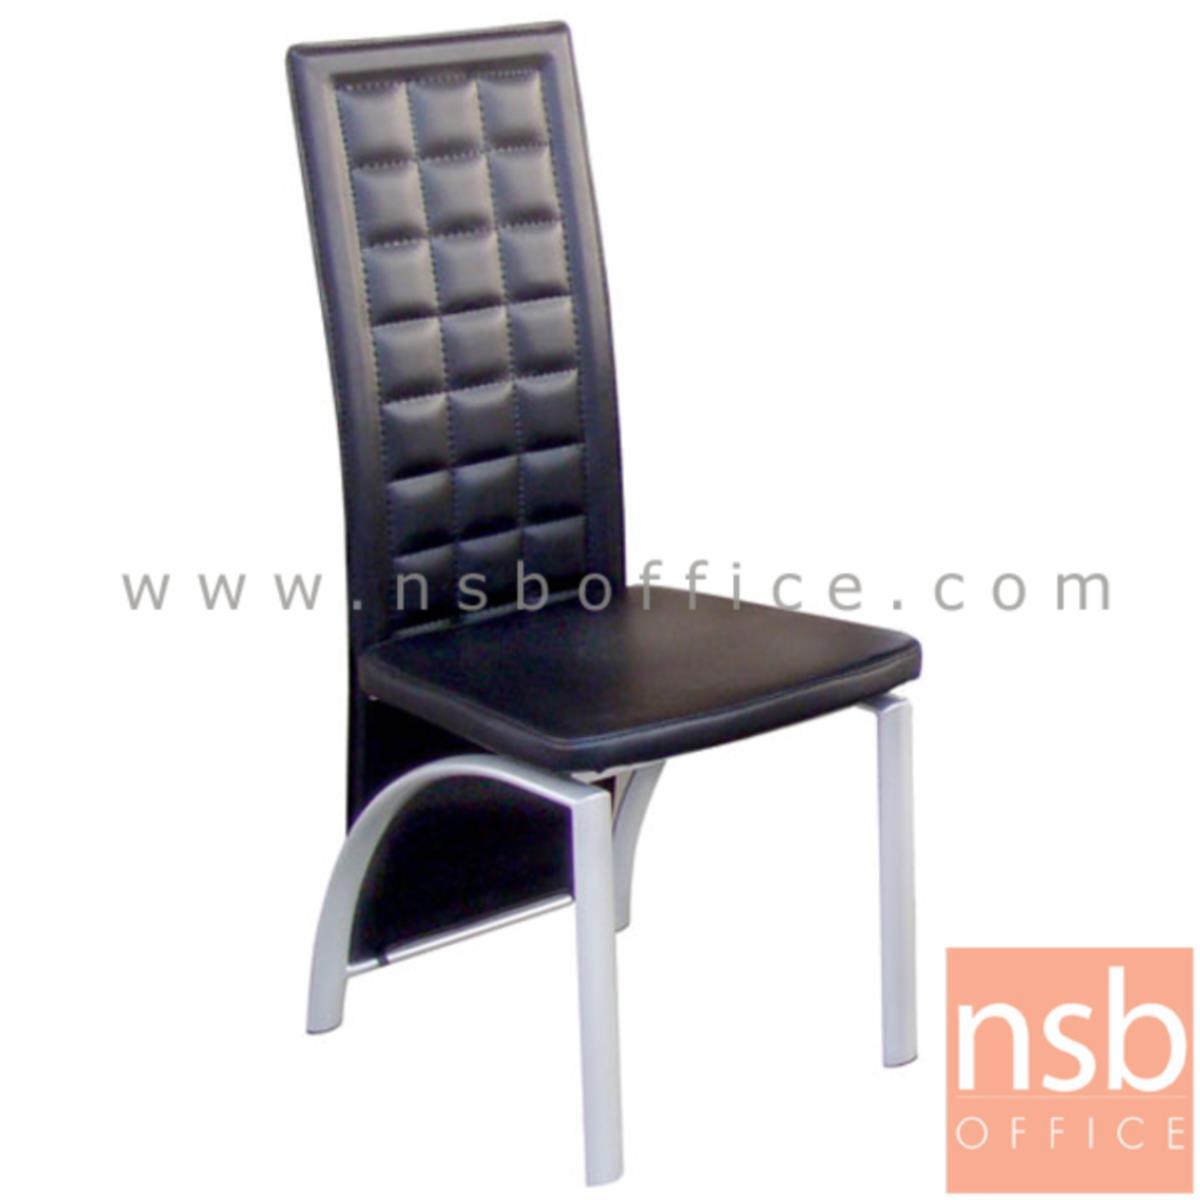 B20A012:เก้าอี้อเนกประสงค์ รุ่น Eternal (อีเทอนัล)  ขาเหล็กพ่นซิลเวอร์